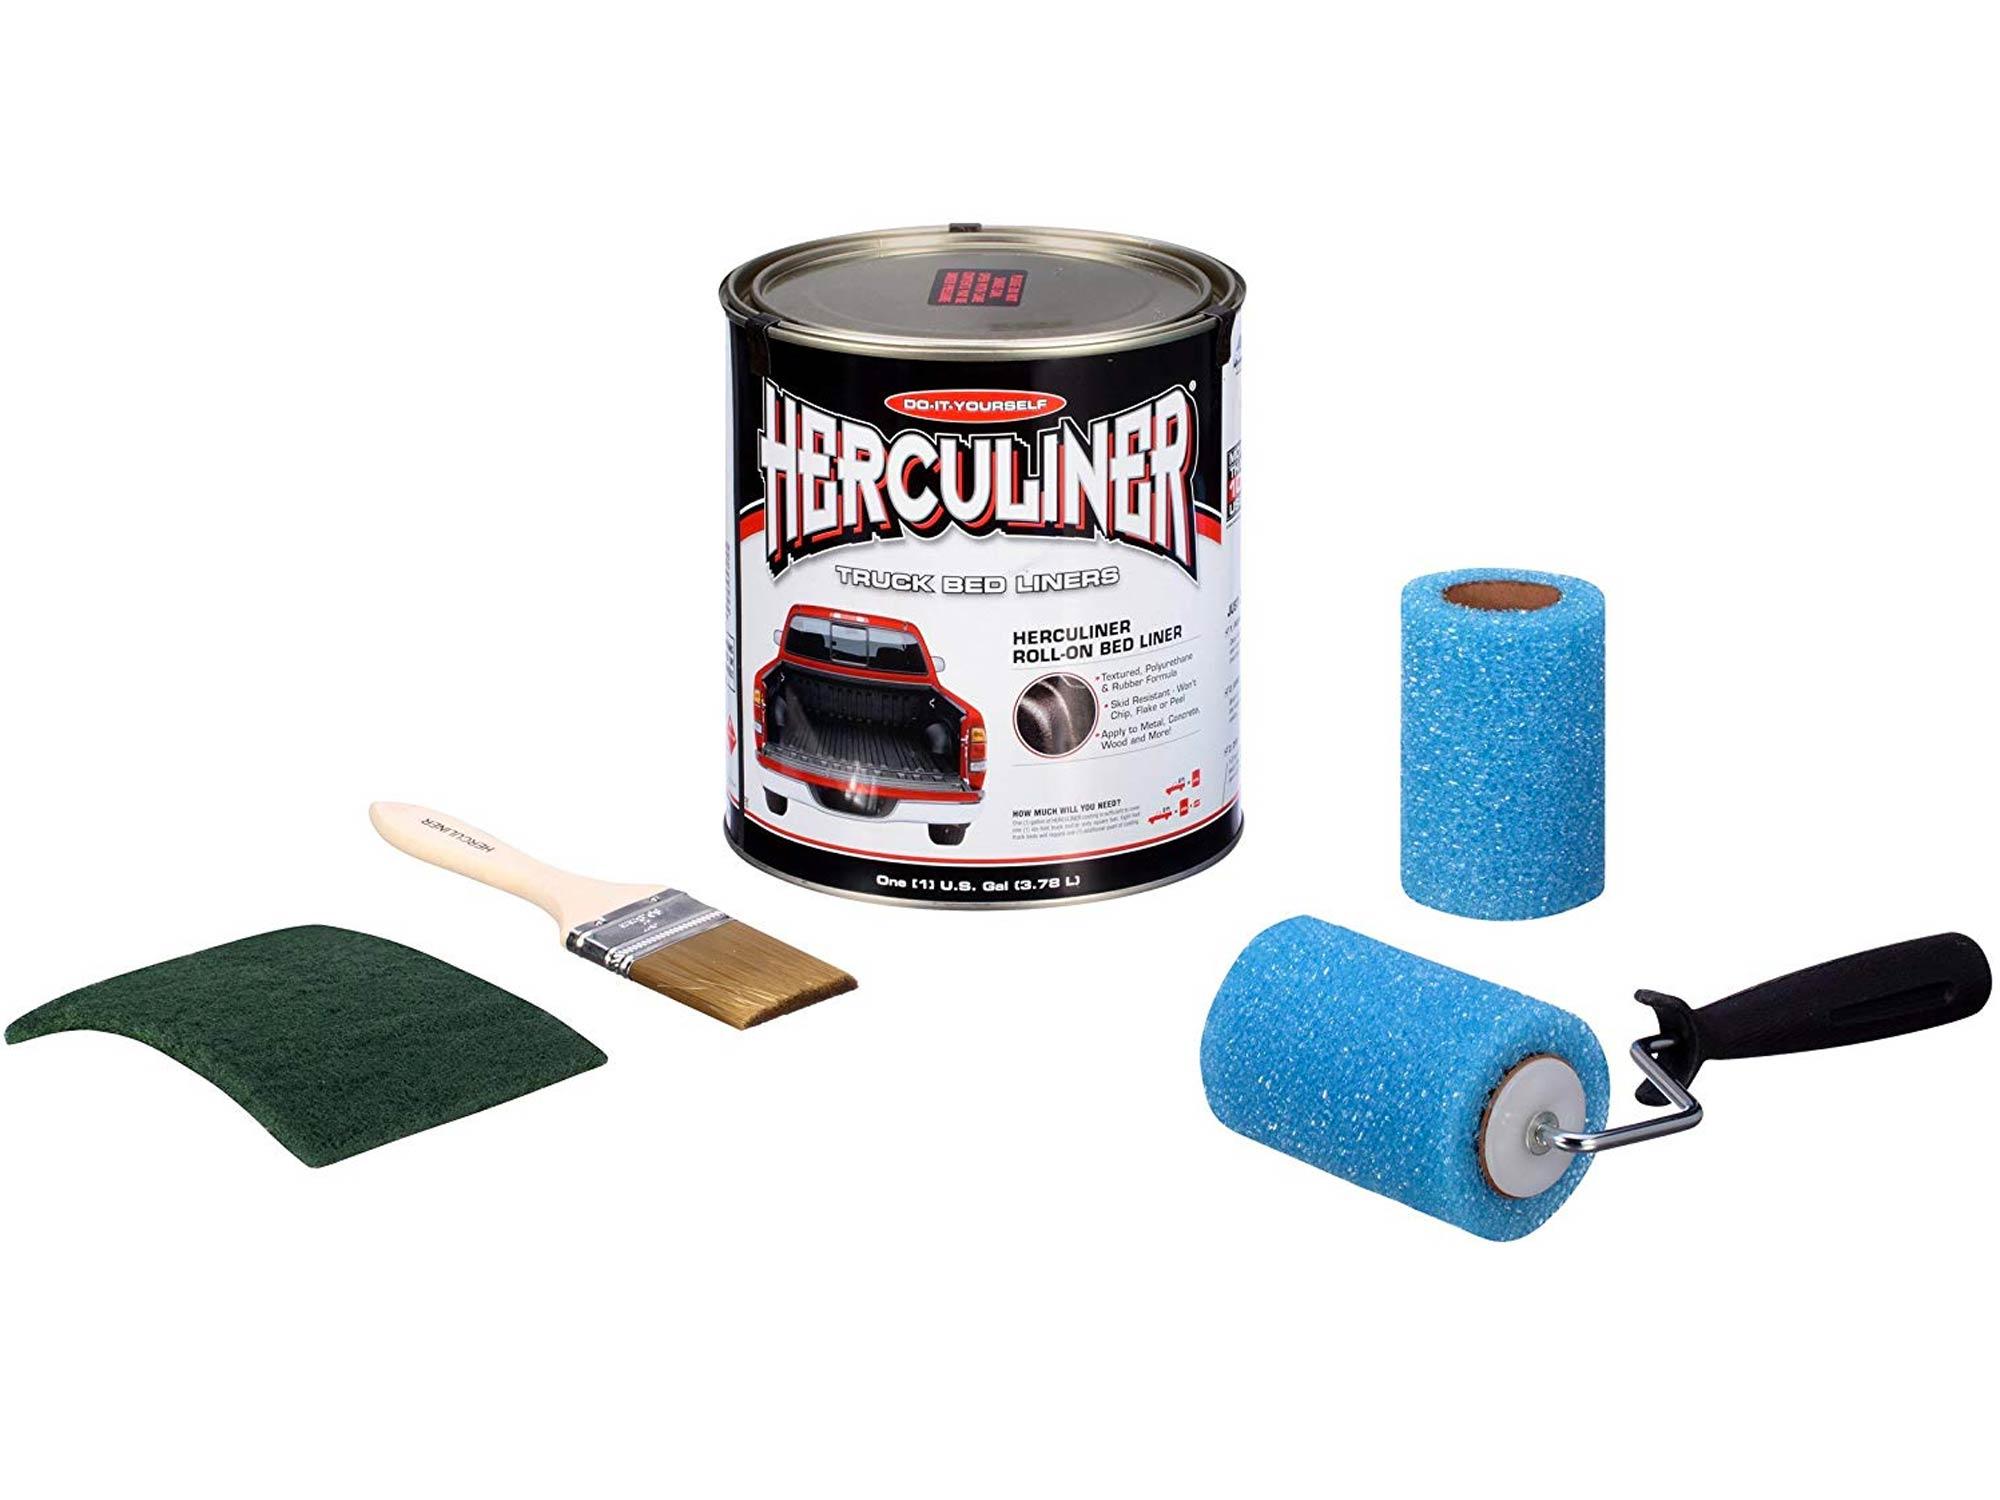 Herculiner Brush-on Bed Liner Kit